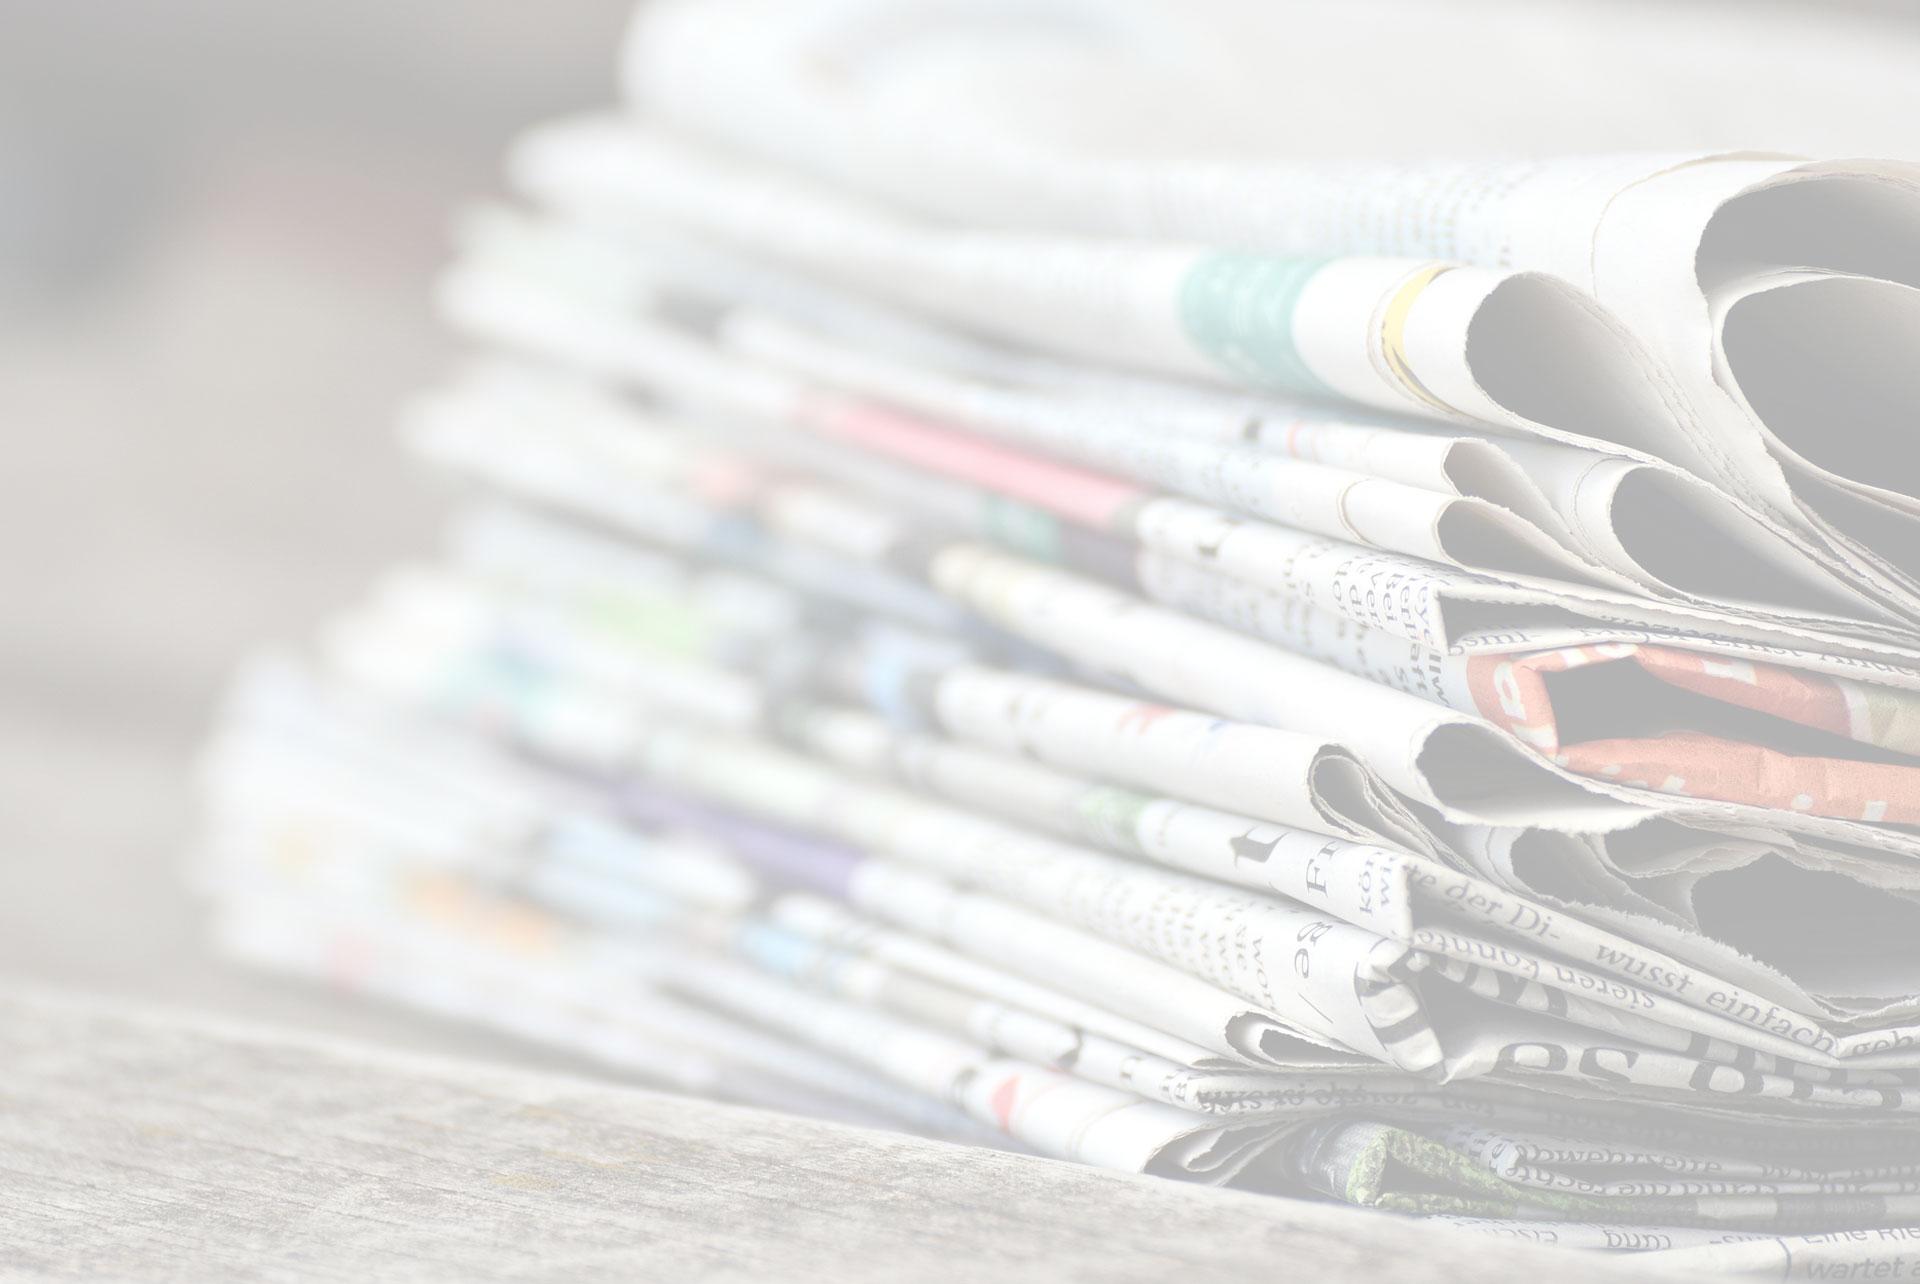 detrazioni possibili per l'acquisto di abitazioni da imprese costruttrici